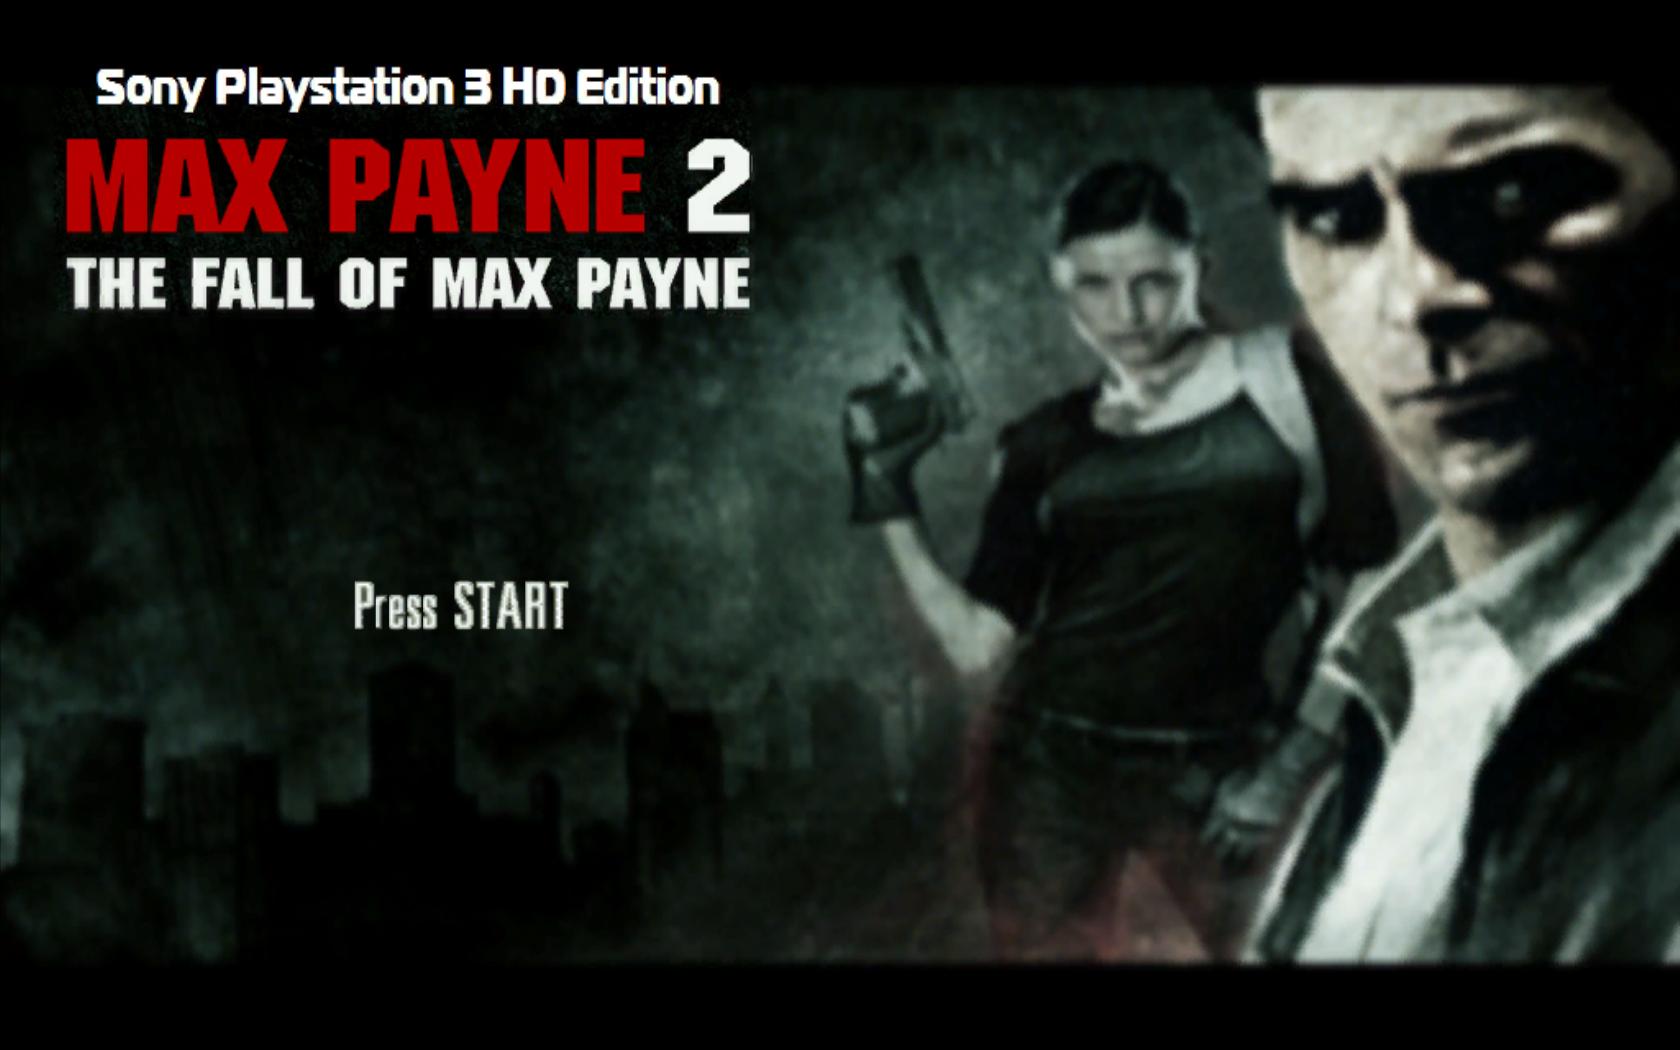 MaxPayne2_2013-09-15_18-17-30-40